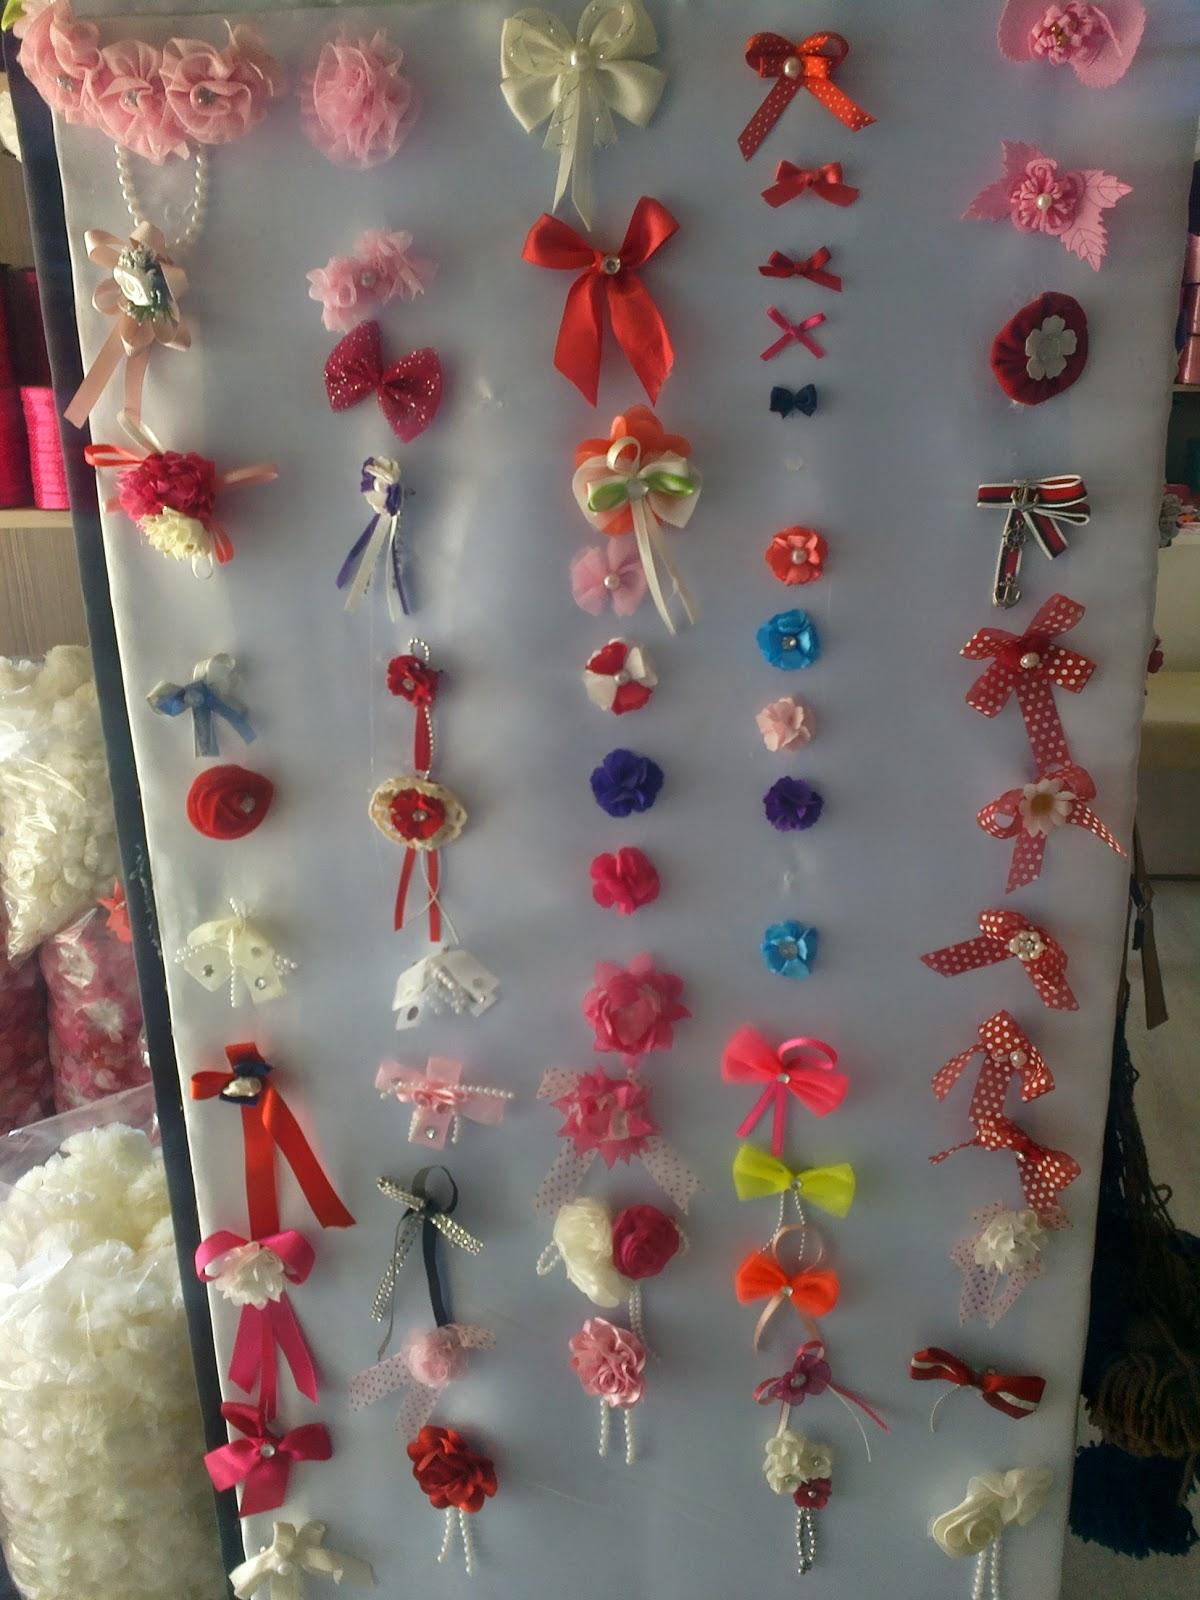 tekstil firmaları aksesuarları - kumaş yapay çiçekler - süs çiçekleri örnekleri